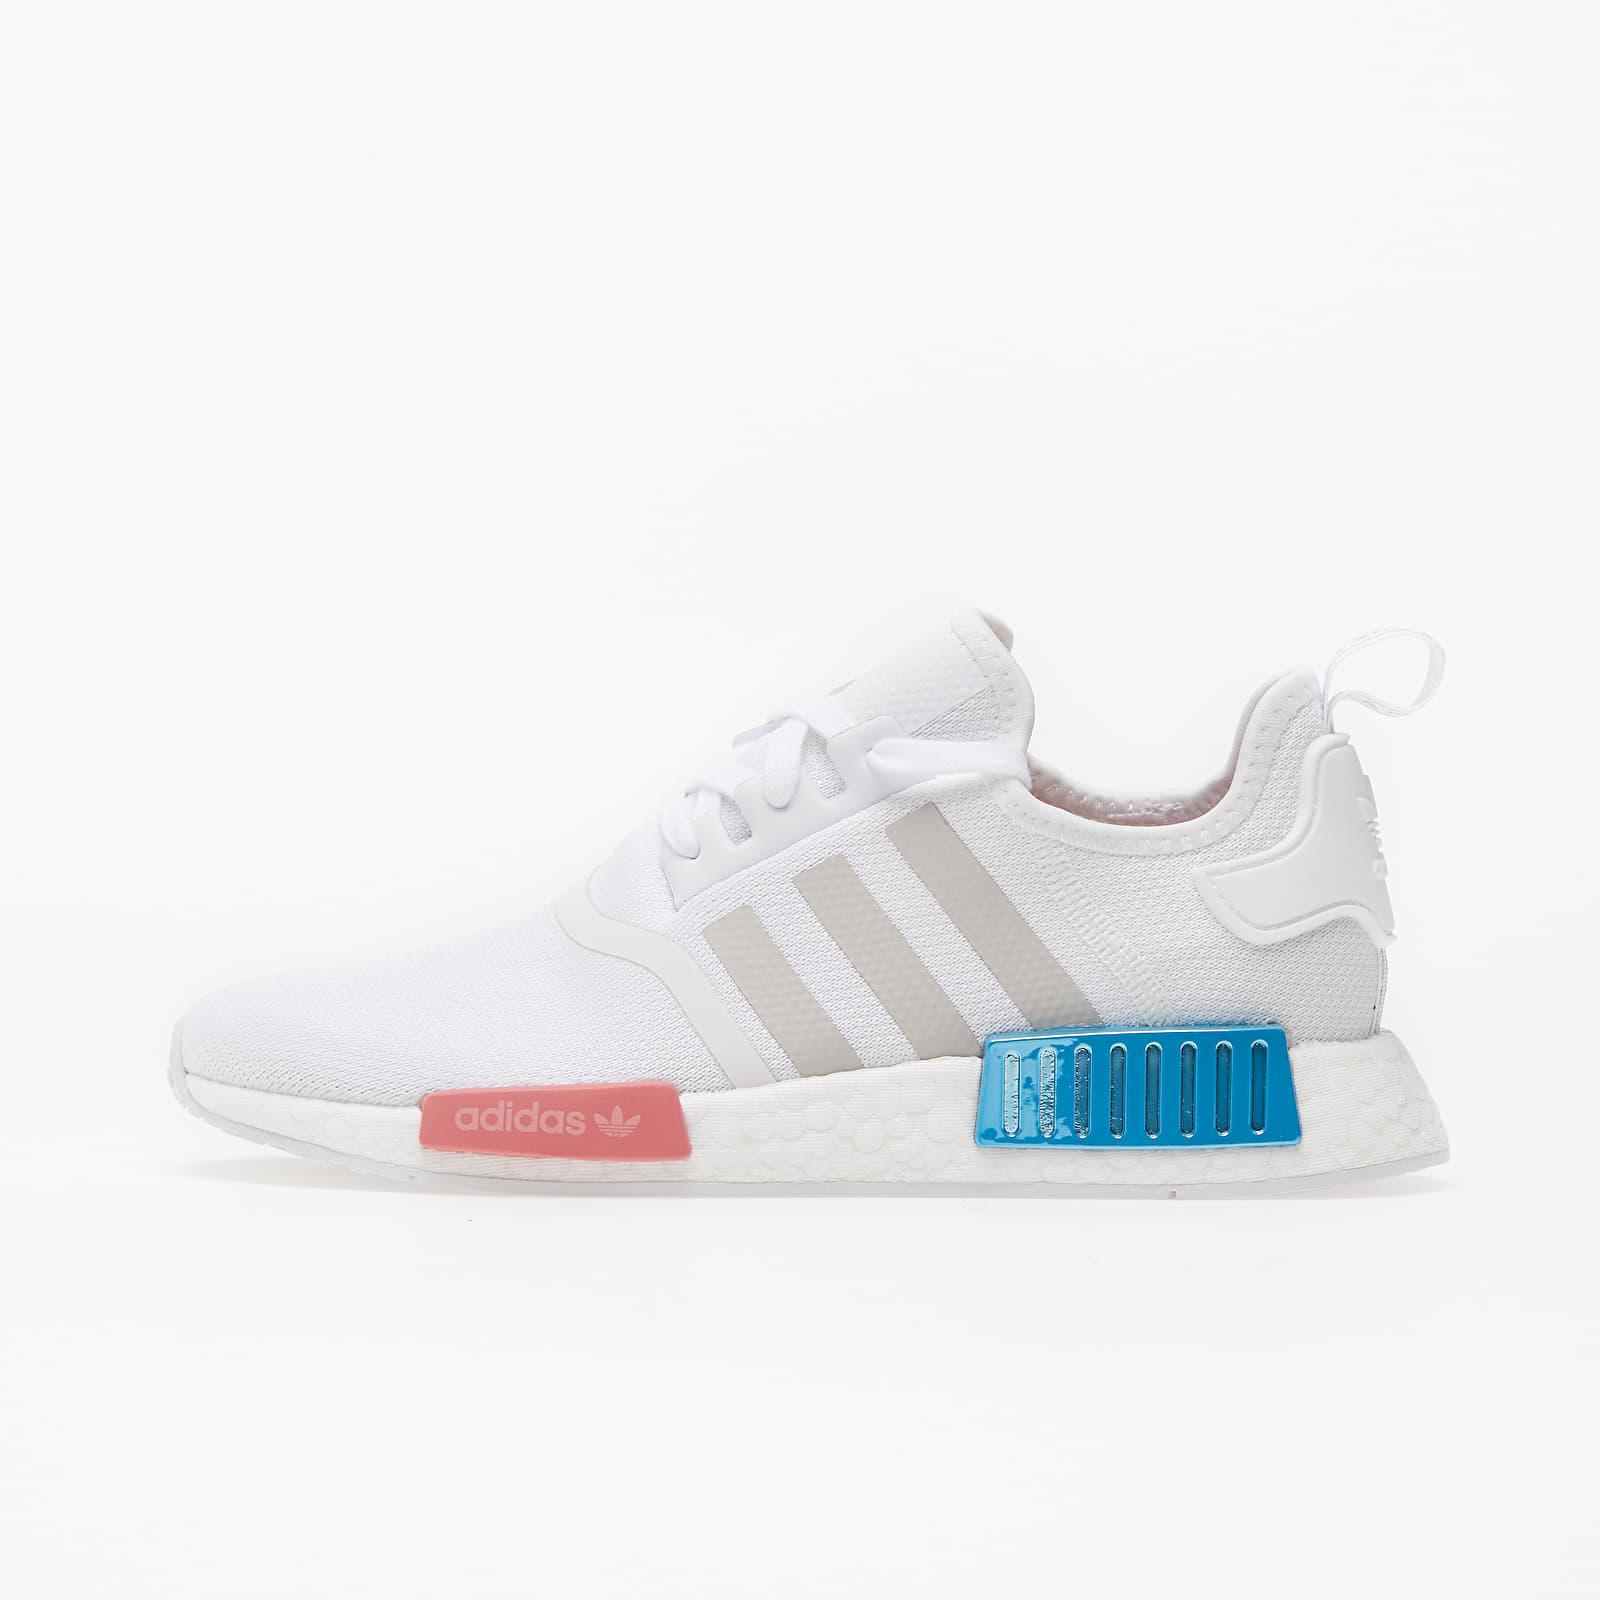 adidas NMD_R1 W Ftwr White/ Grey One/ Hazy Rose   Footshop